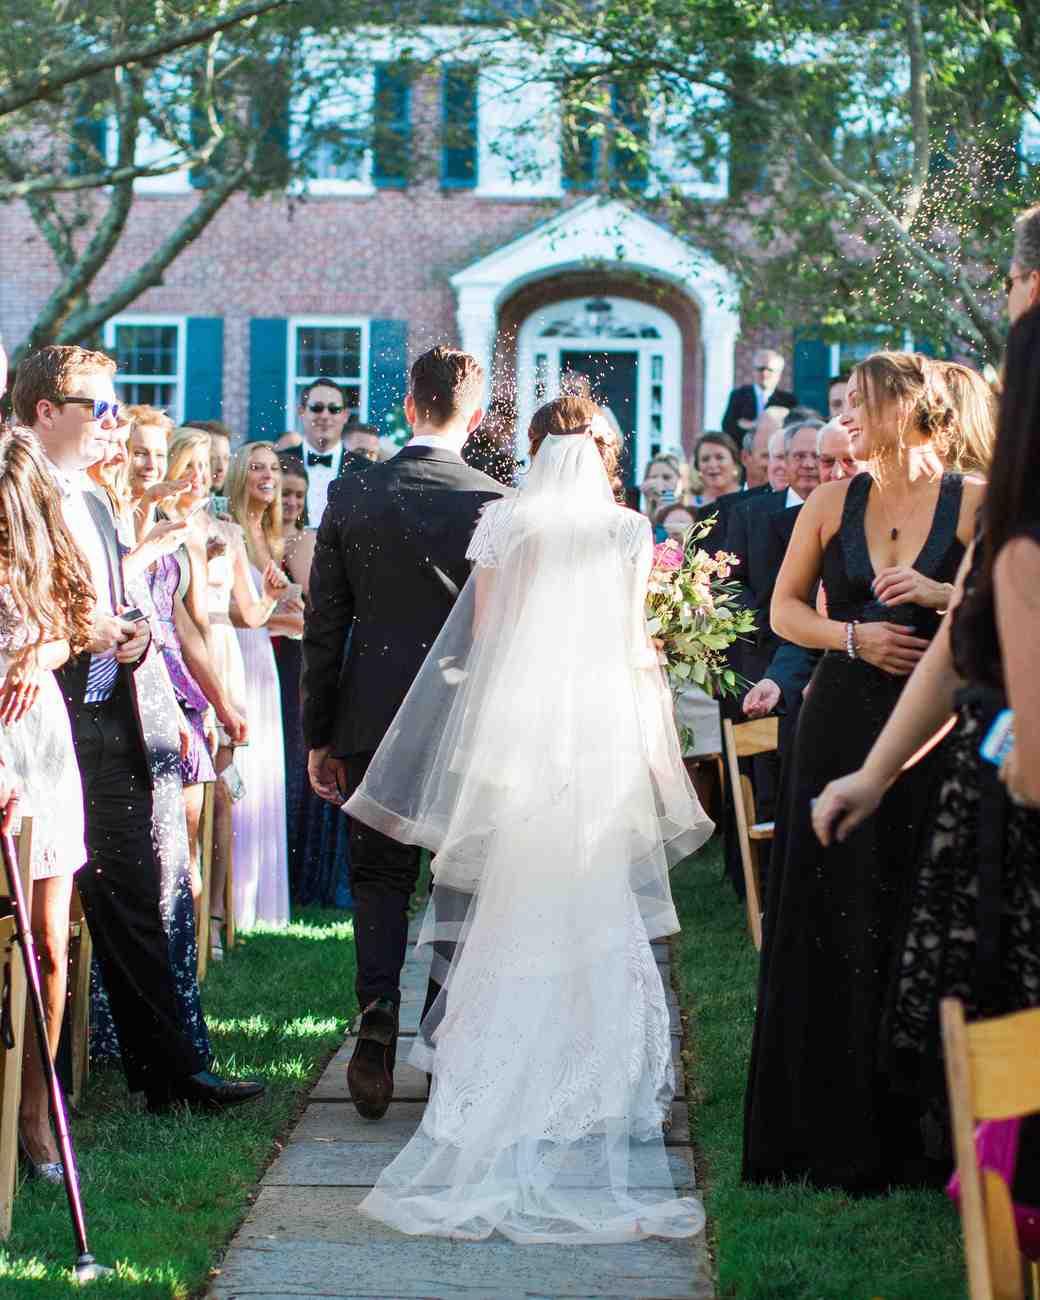 amy-garrison-wedding-recessional-toss-00557-6134266-0816.jpg